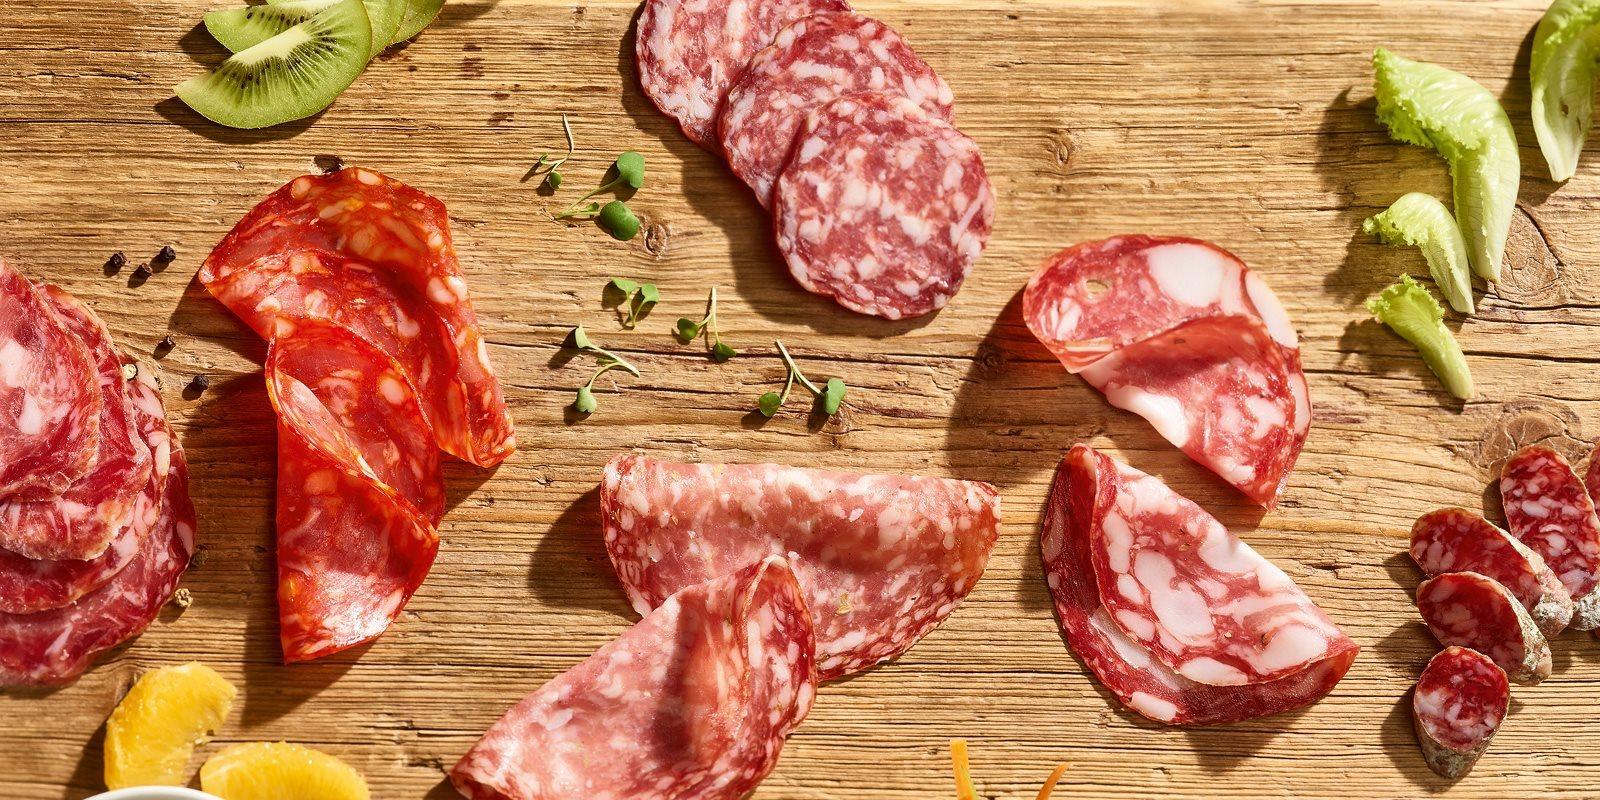 levoni_emozionale_ricette_tagliere_salami(5)